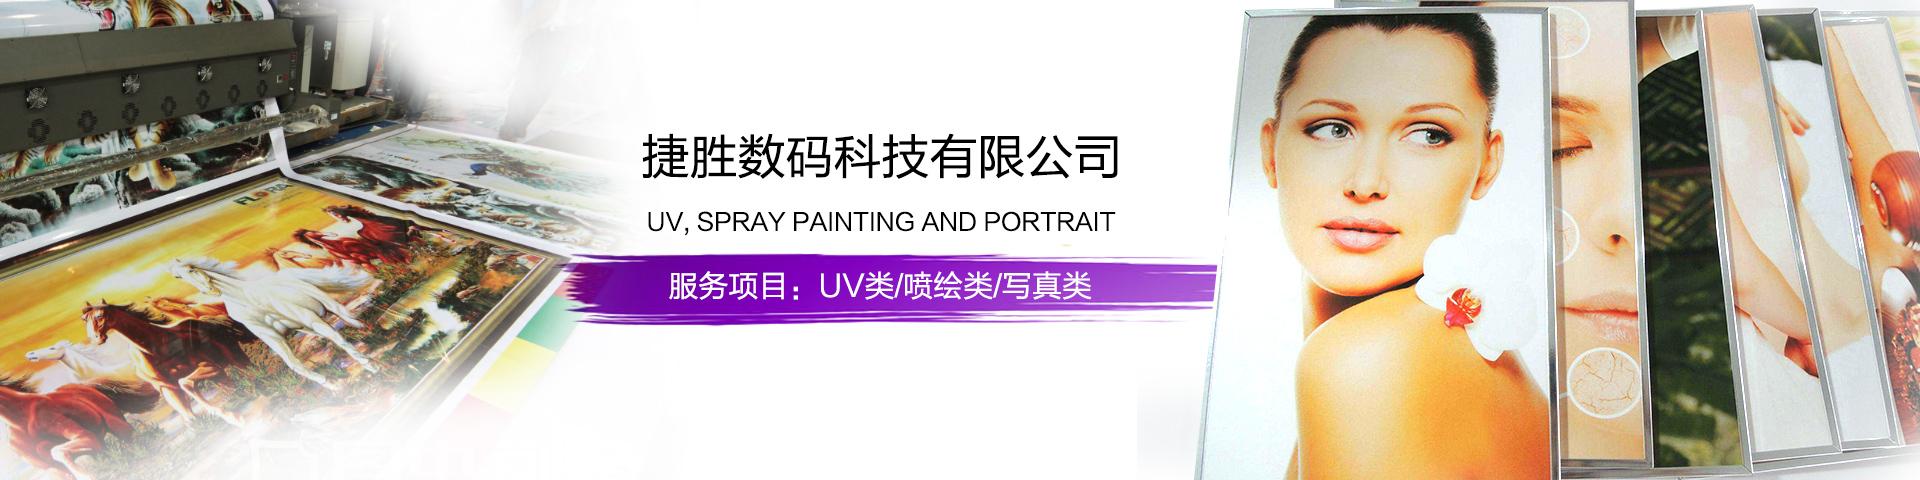 软膜UV喷绘